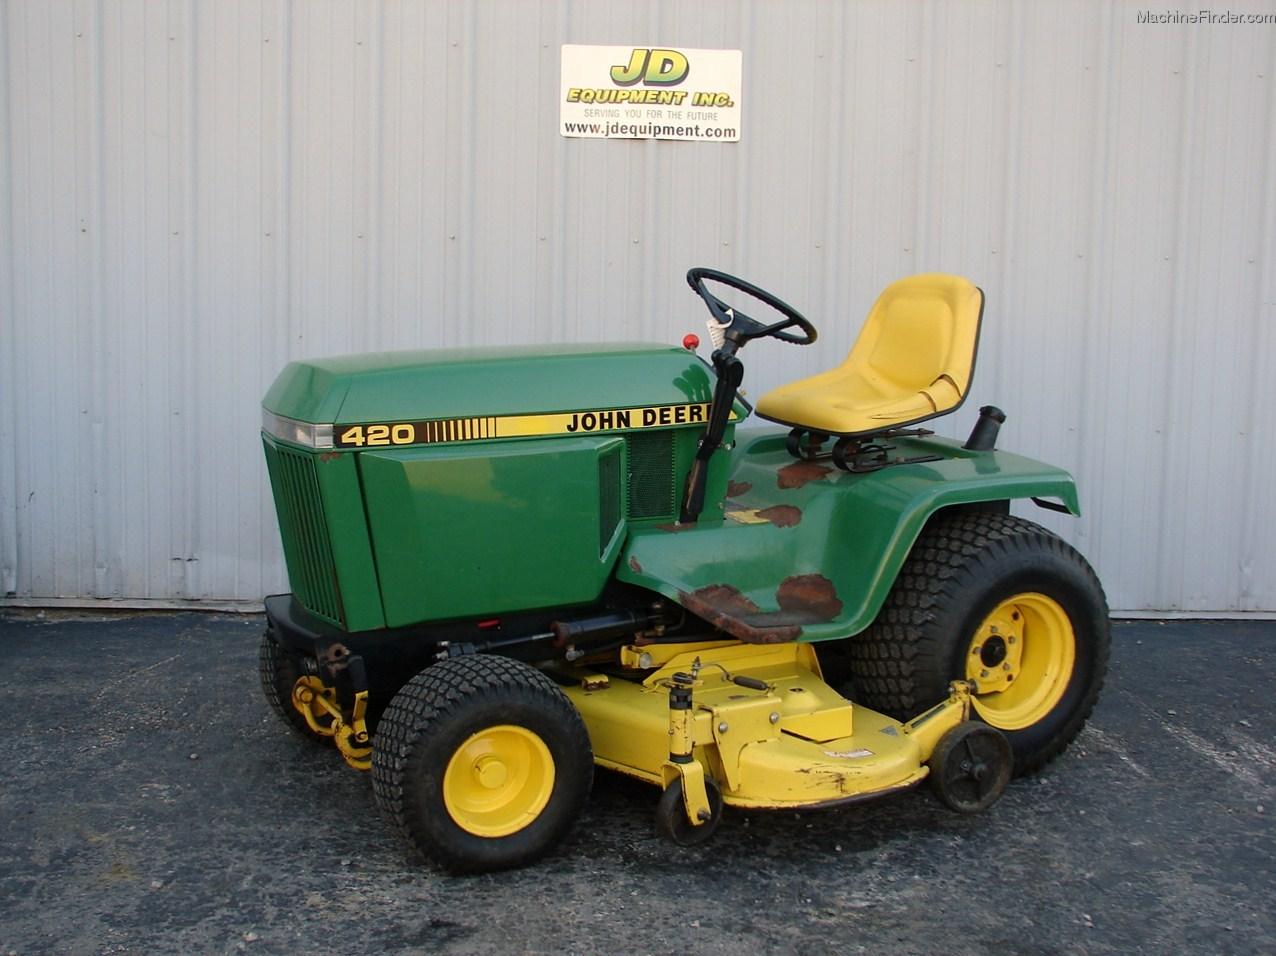 1988 John Deere 420 Lawn Garden And Commercial Mowing John Deere Machinefinder